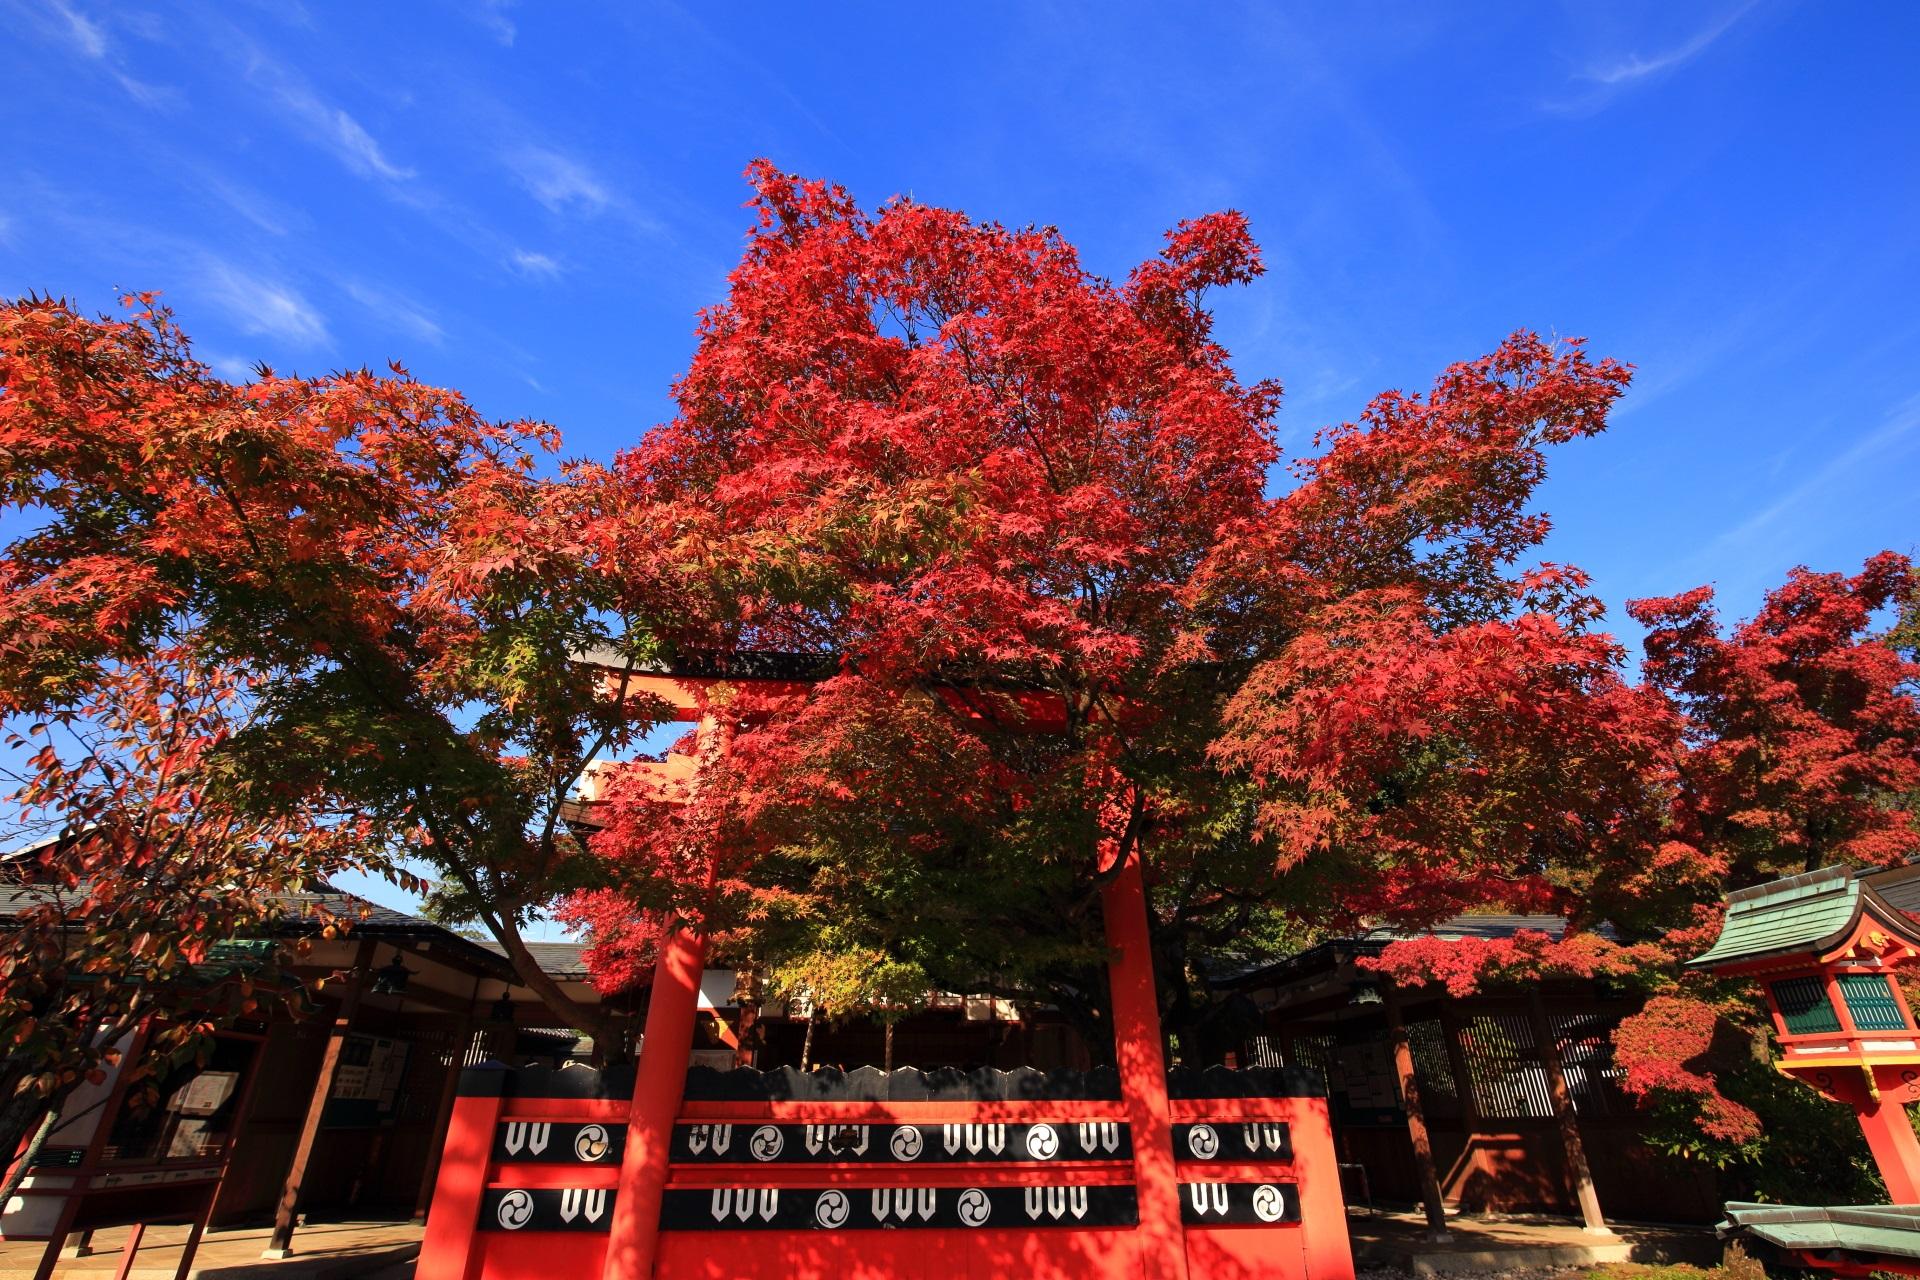 青空をそめる赤い鳥居と赤い紅葉